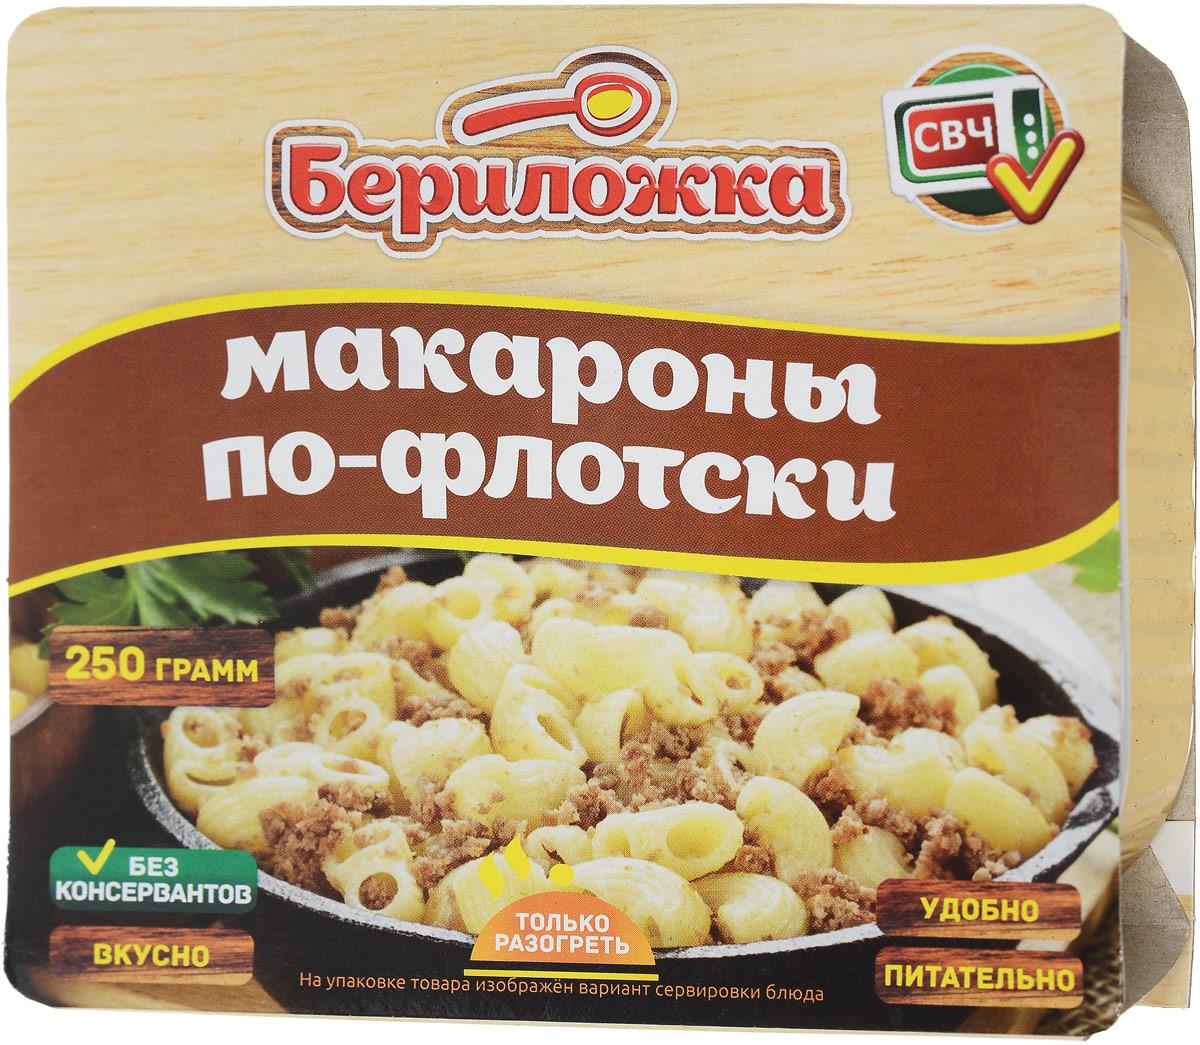 Бериложка макароны по-флотски, 250 г6124Макароны по-флотски Бериложка - мясорастительные консервы, стерилизованные.Перед употреблением рекомендуется разогреть. Продукт не содержит ГМО, консервантов.Уважаемые клиенты! Обращаем ваше внимание, что полный перечень состава продукта представлен на дополнительном изображении.